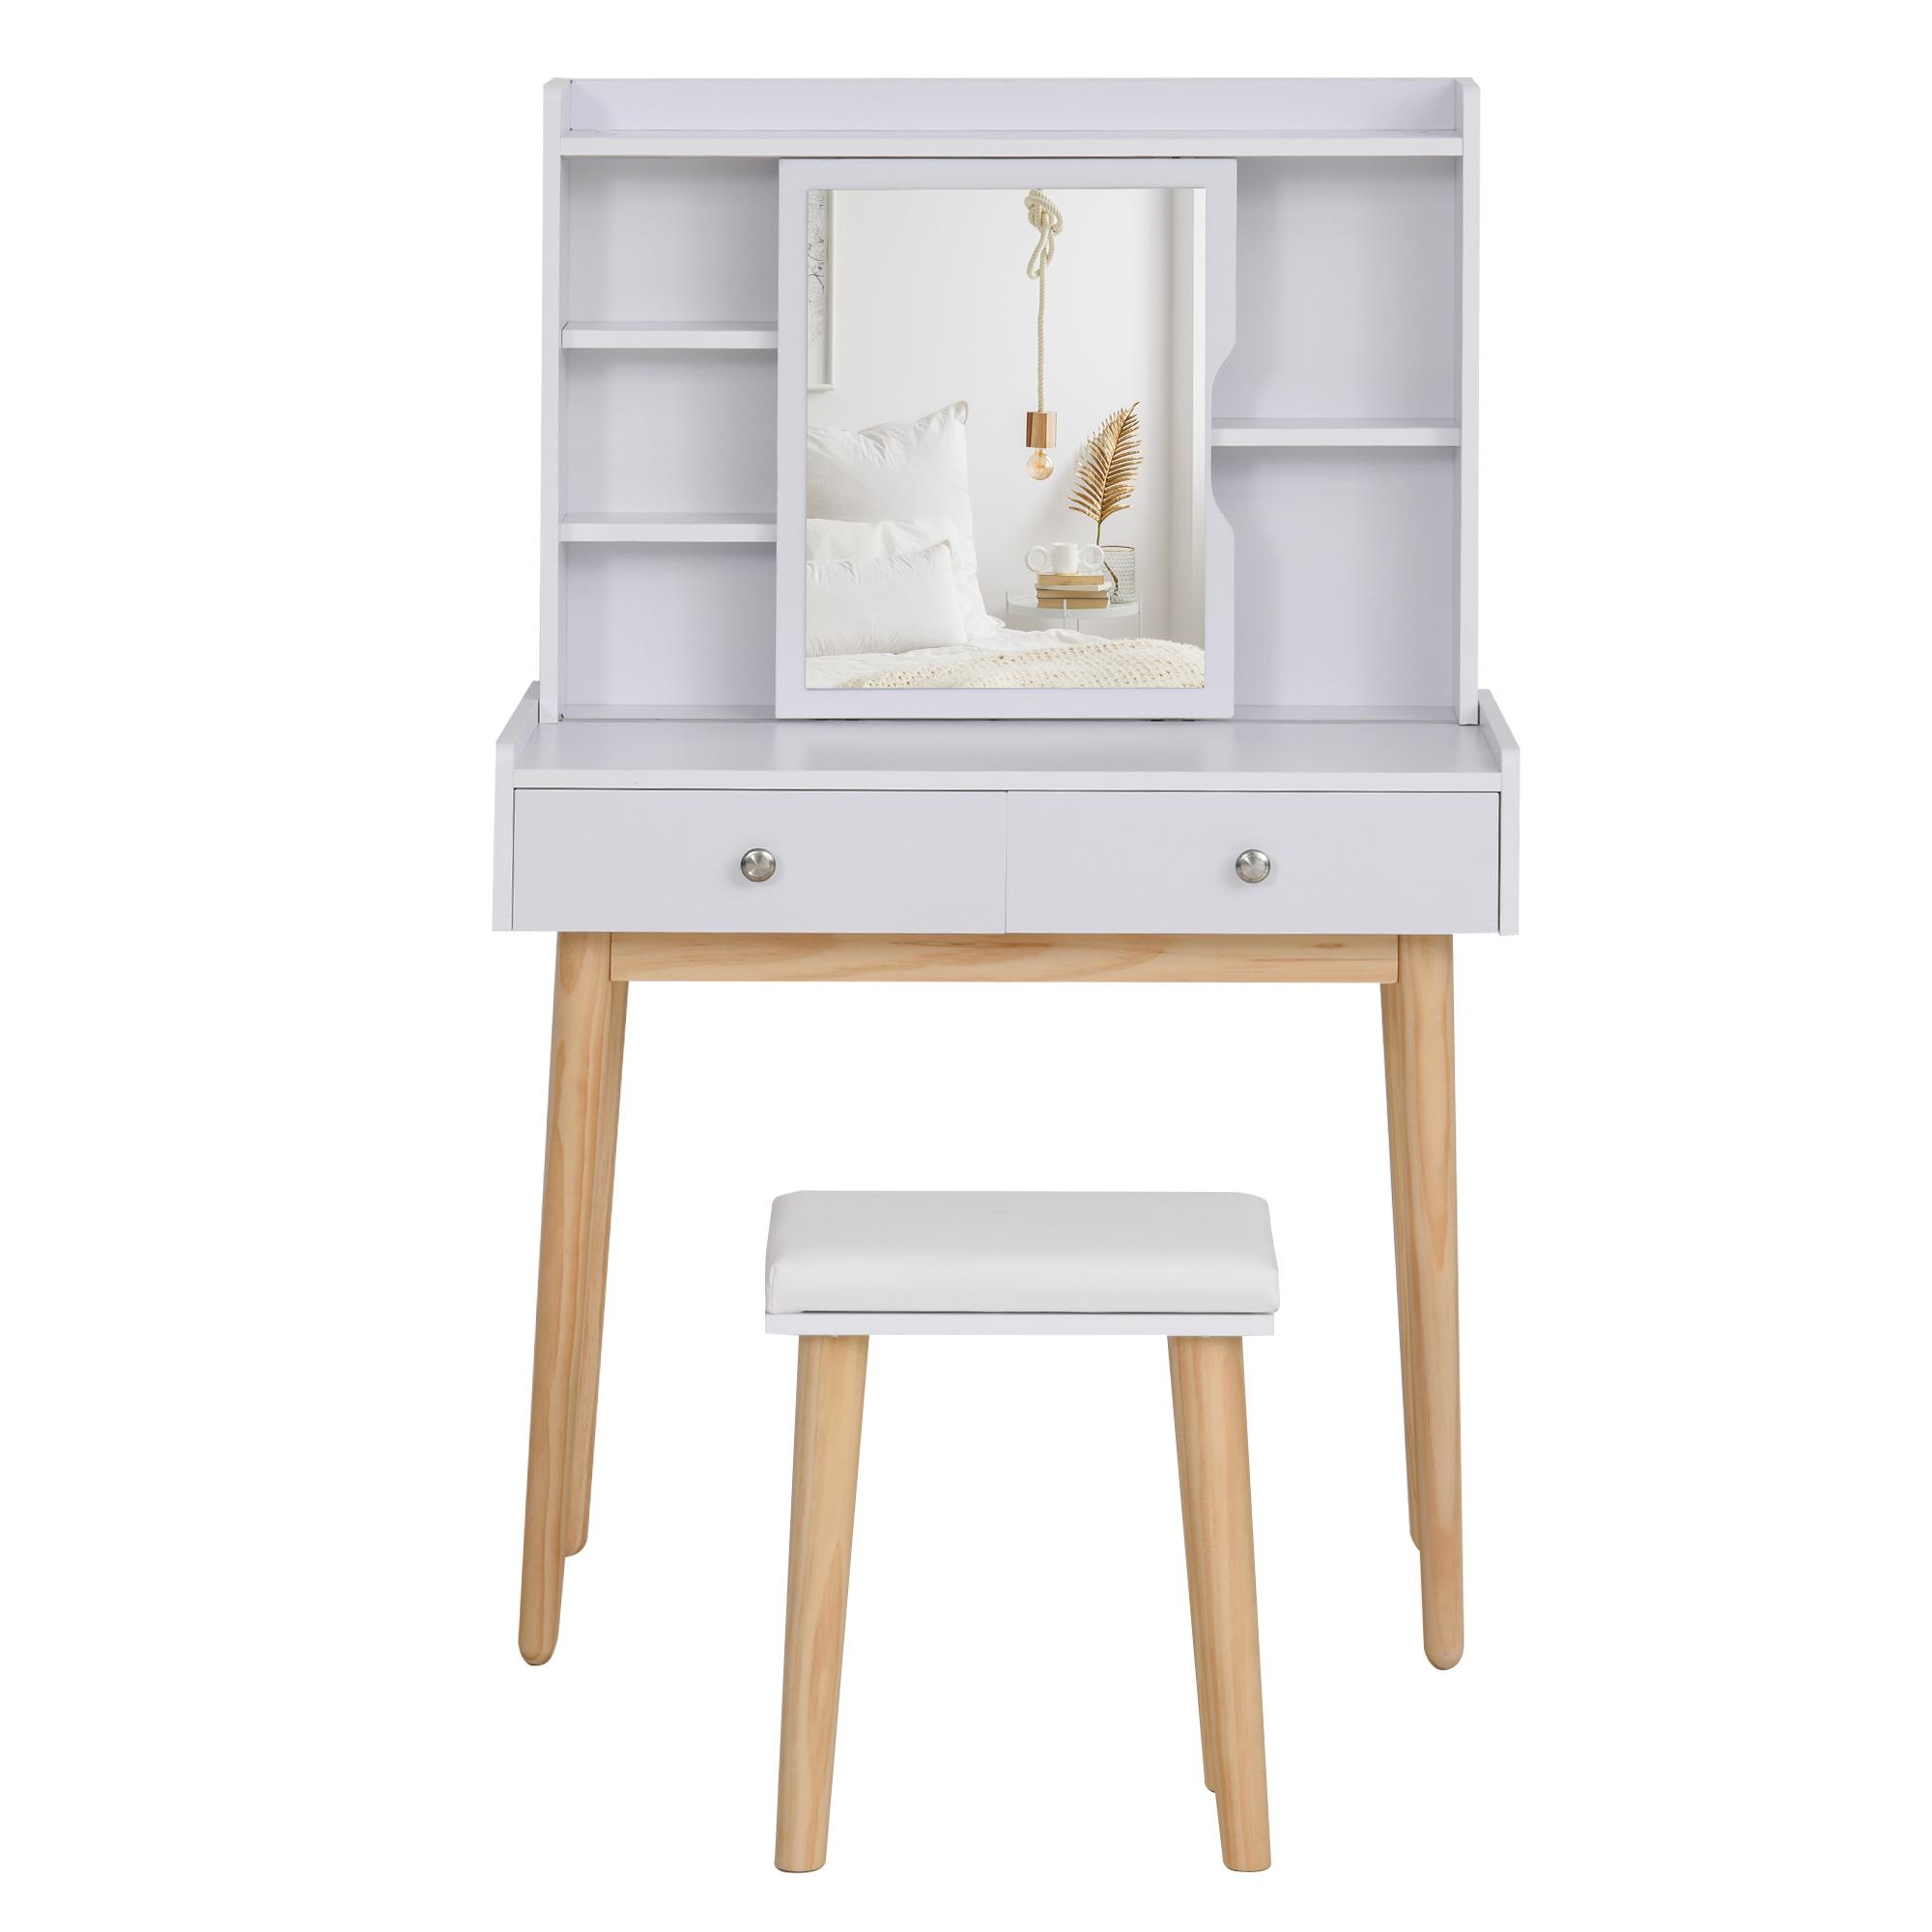 maison du monde Coiffeuse design scandinave miroir coulissant tabouret blanc pin clair